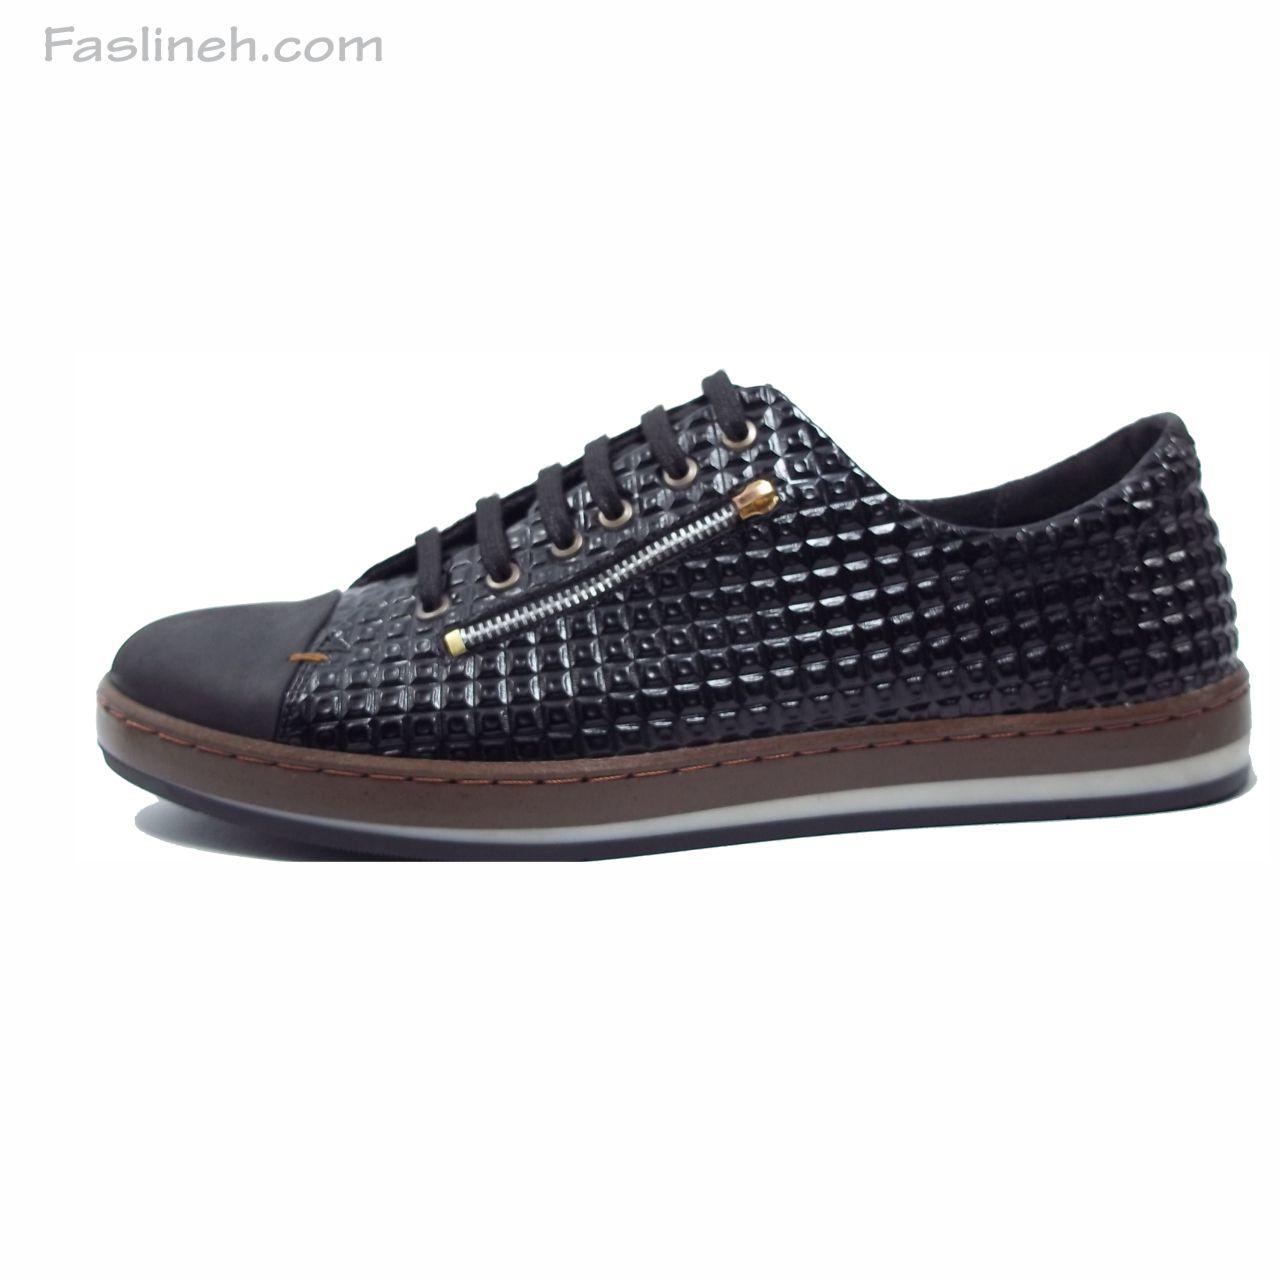 کفش اسپرت مدل اپل  زیپی مشکی